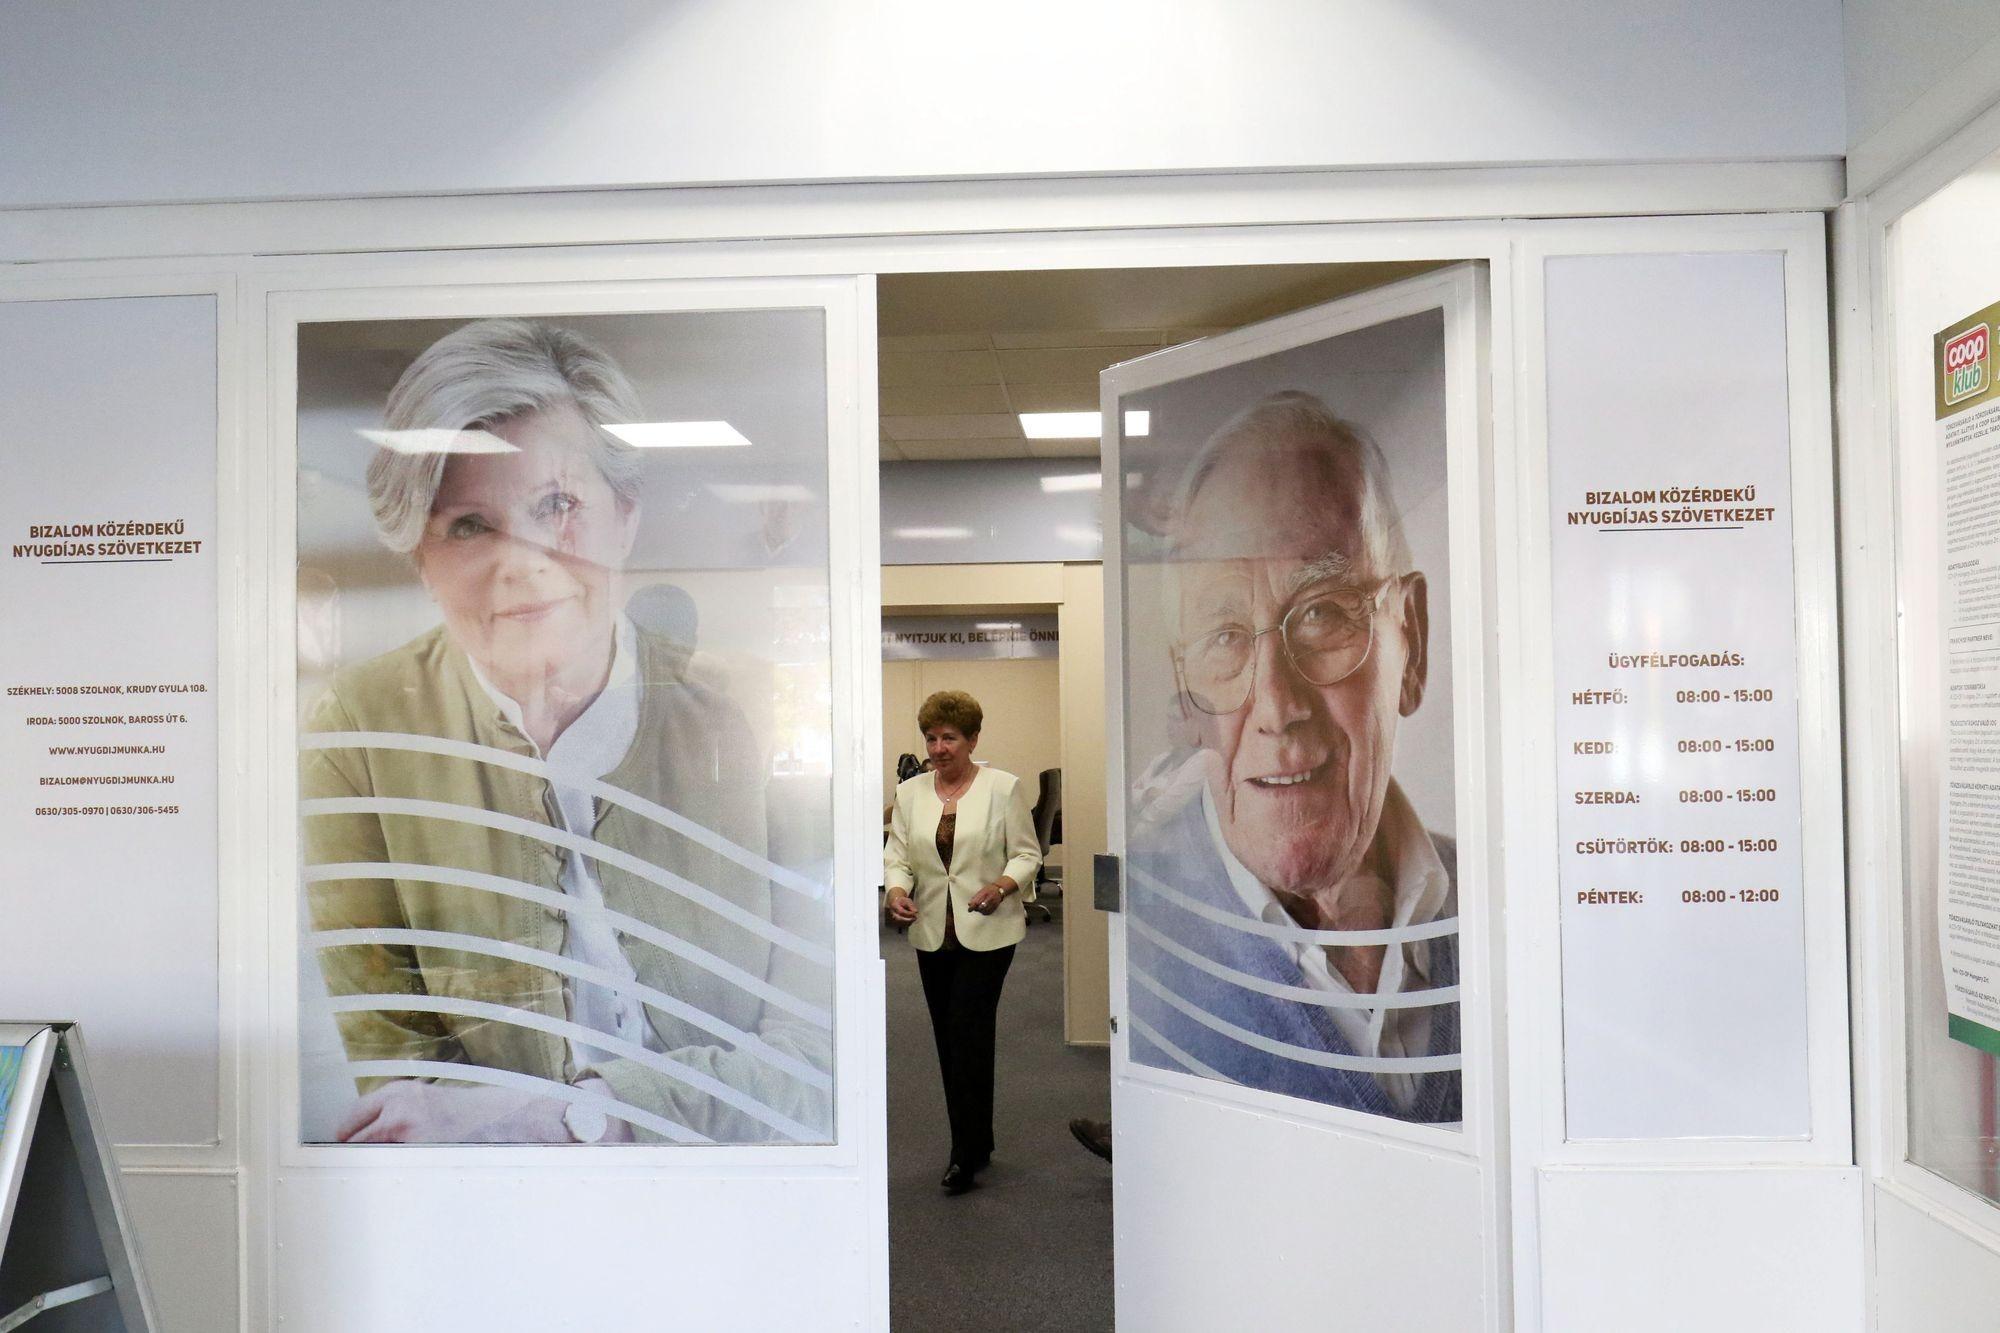 Partnerségi megállapodást kötött egy nyugdíjasszövetkezet és a Coop Szolnok